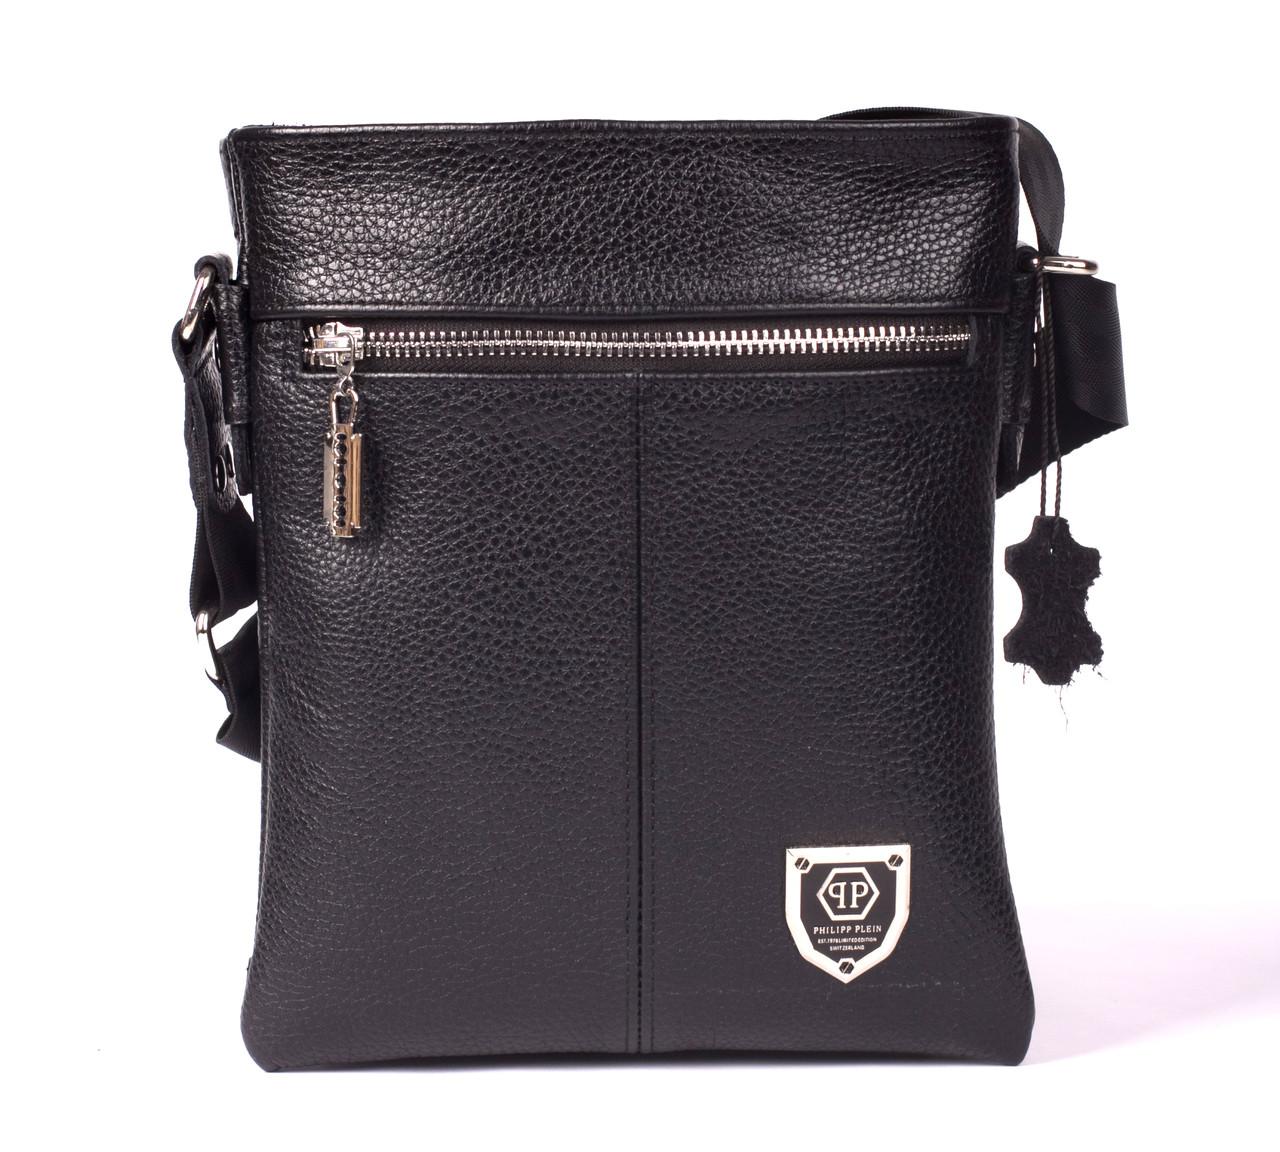 Кожаная мужская сумка Philipp Plein 22х19 см Двусторонняя. Мужская сумка из натуральной кожи